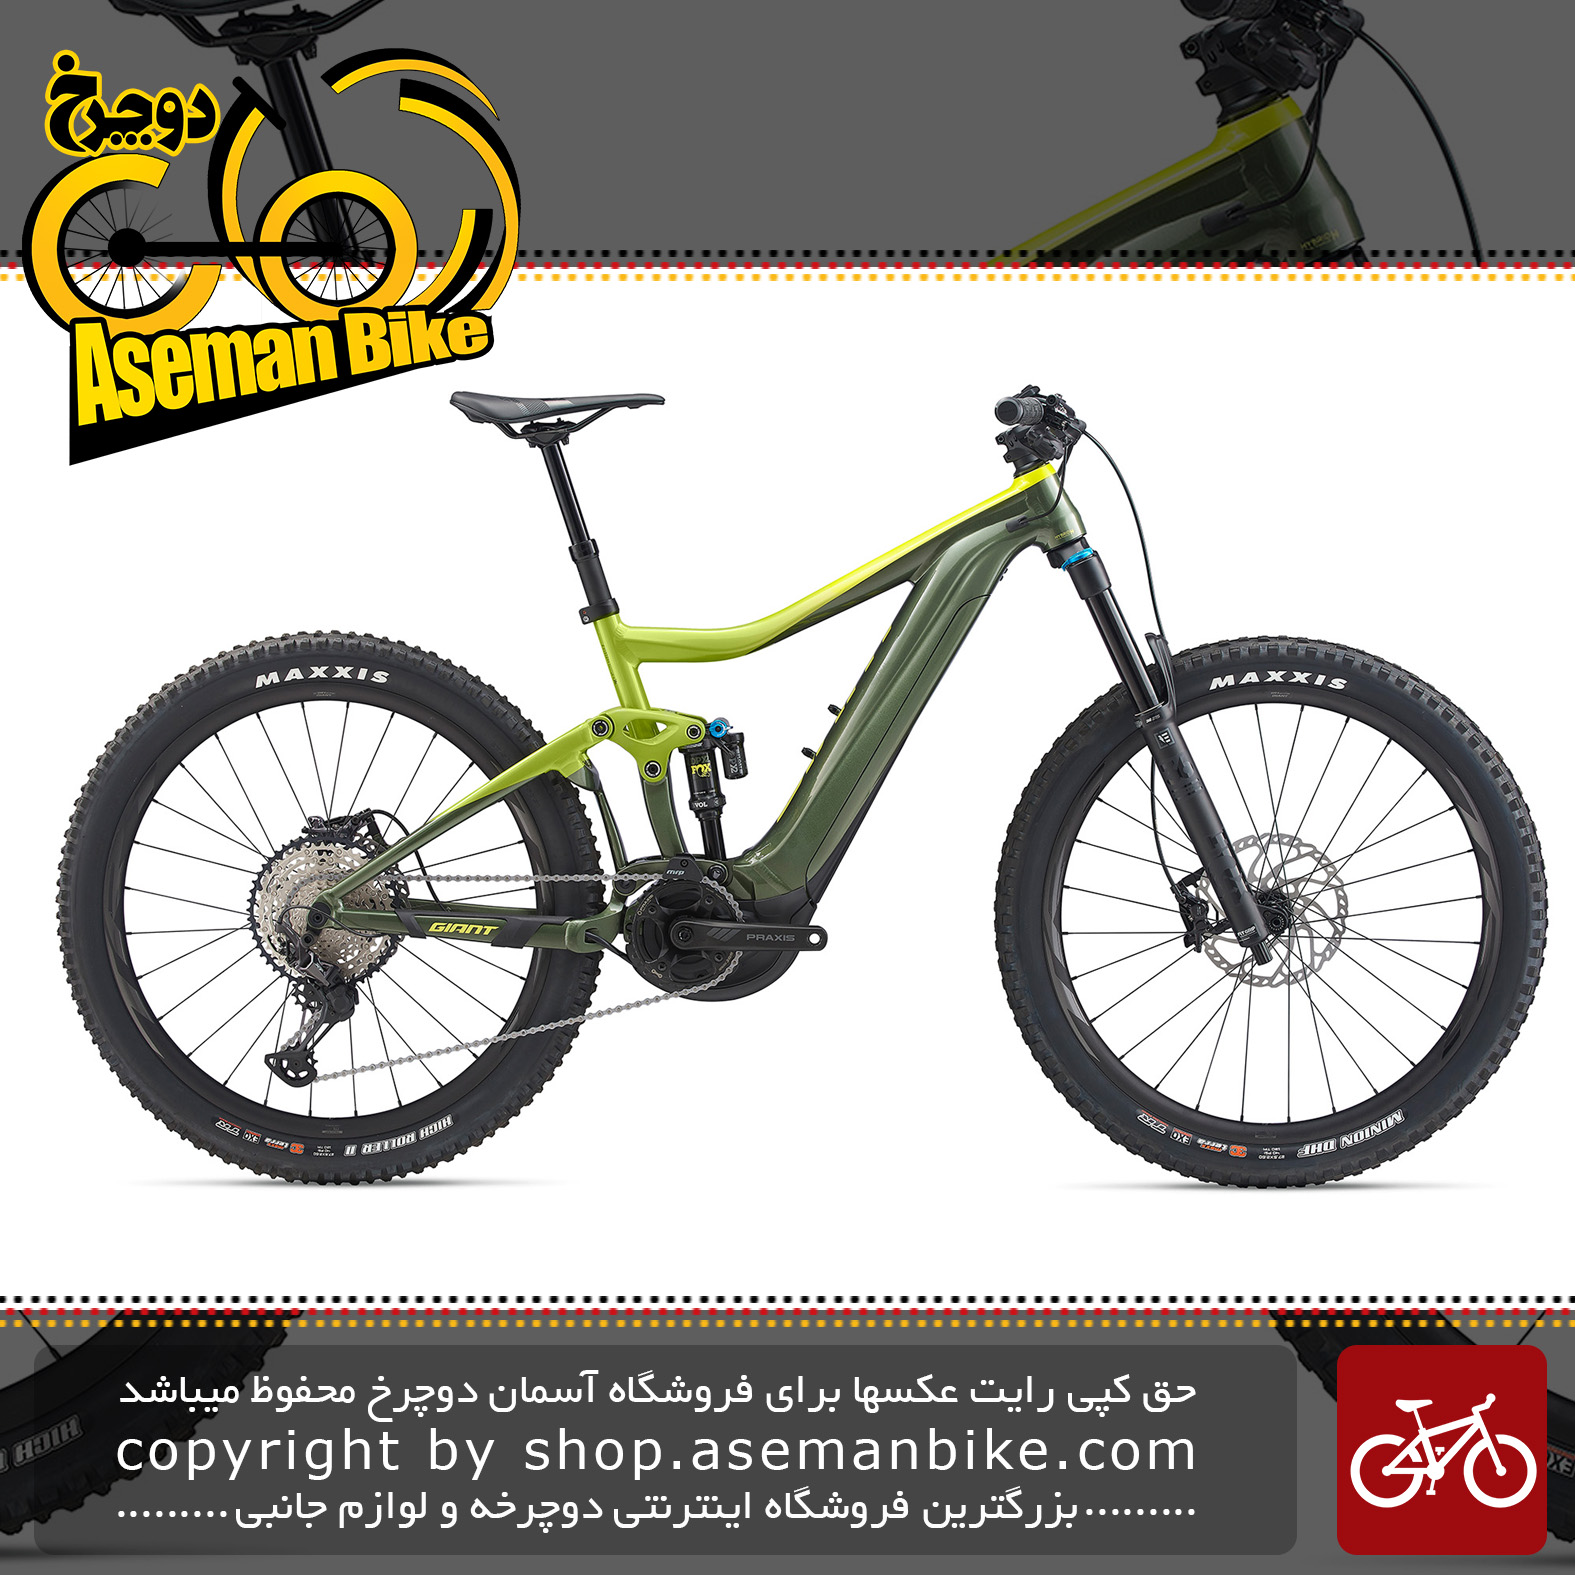 دوچرخه کوهستان برقی جاینت مدل ترنس ای پلاس 1 پرو 2020 Giant Mountain Bicycle Trance E+ 1 Pro 2020